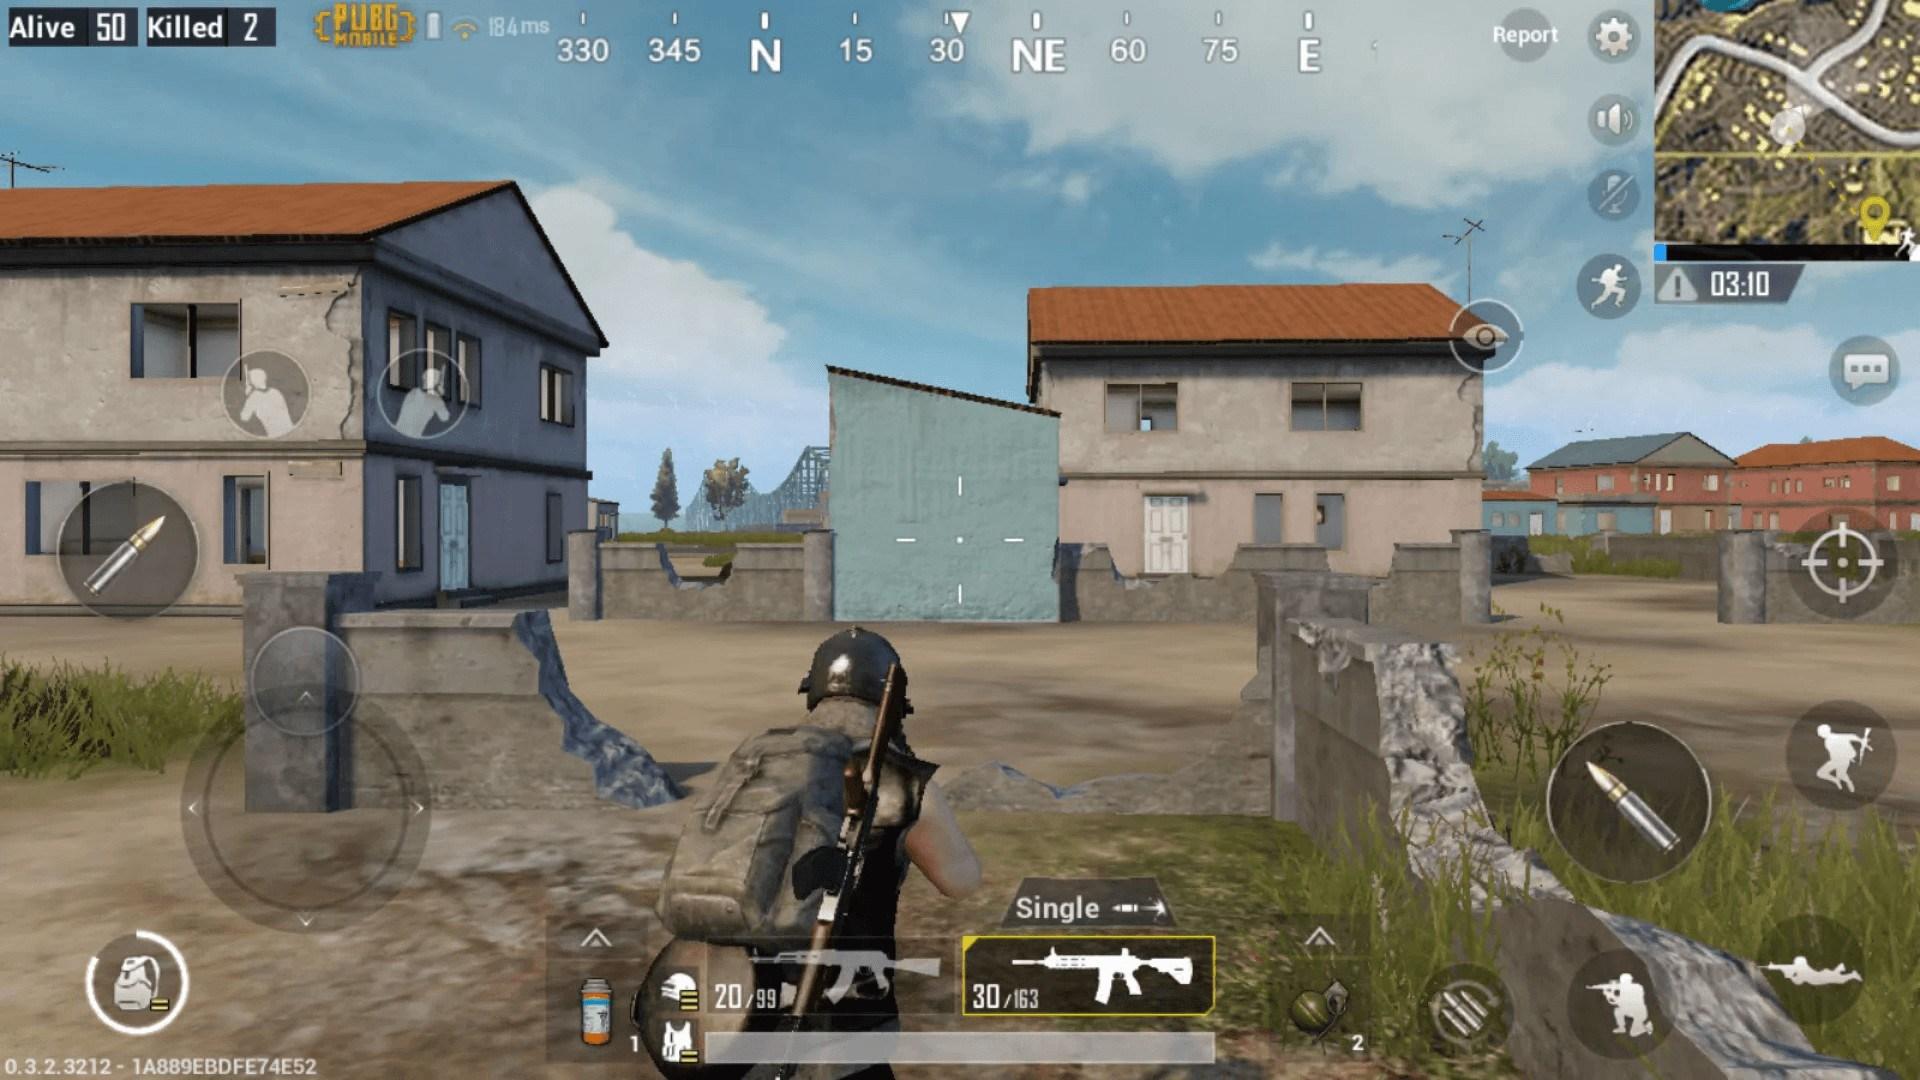 เคล็ดลับการเอาตัวรอดในช่วงท้ายเกมใน PUBG Mobile